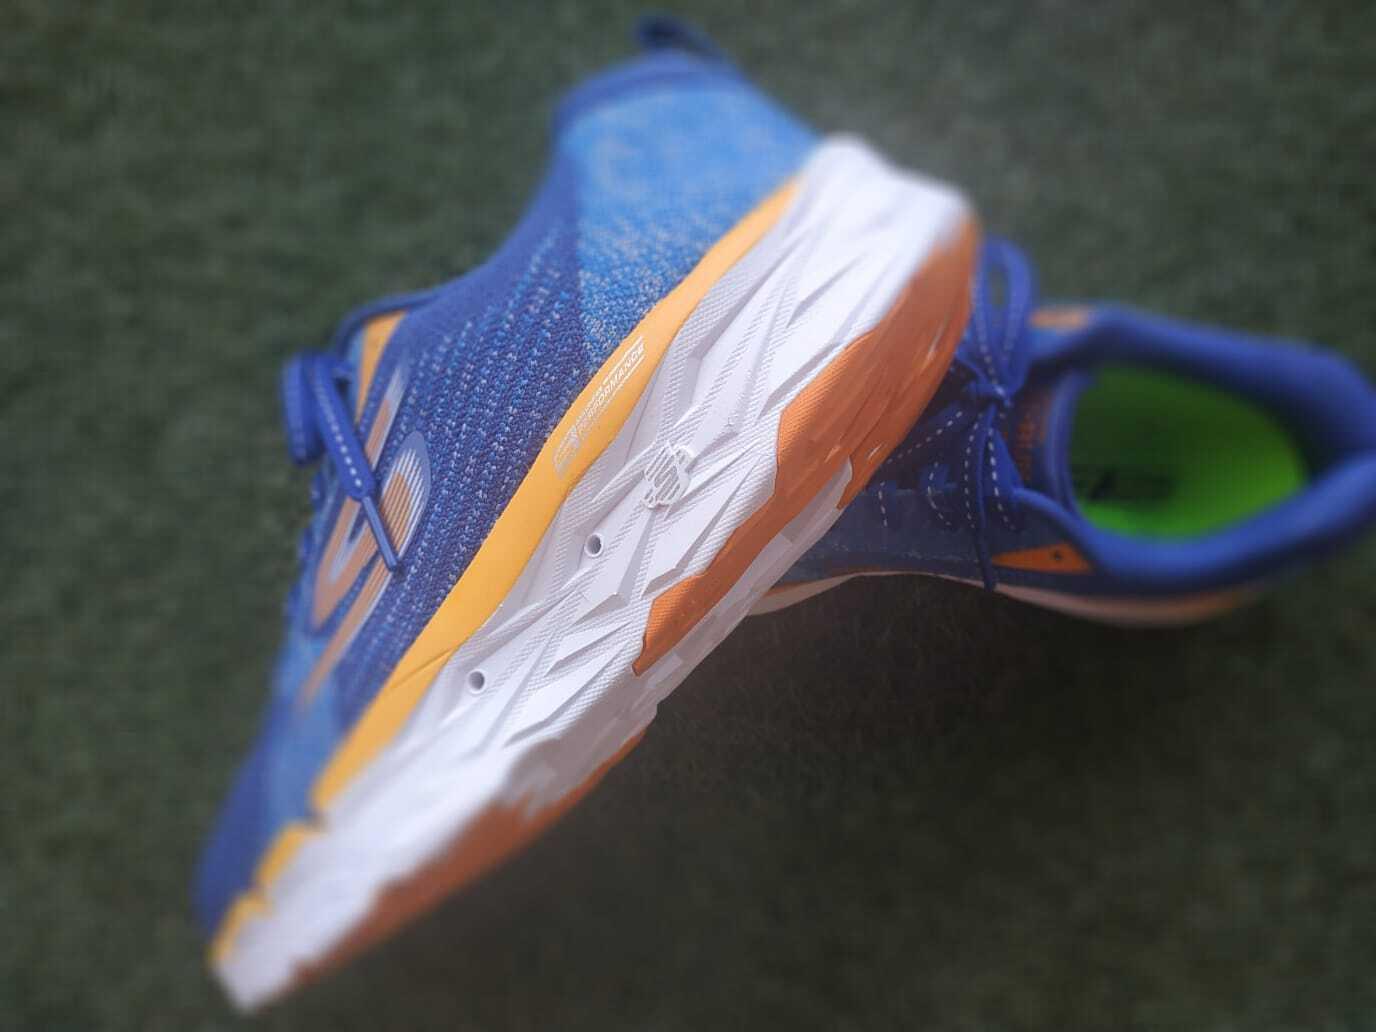 Suchen Sie ein Modell von MAXIMALISTA Sneakers? Skechers Gorun MaxRoad 3 Ultra Ihre beste Option.